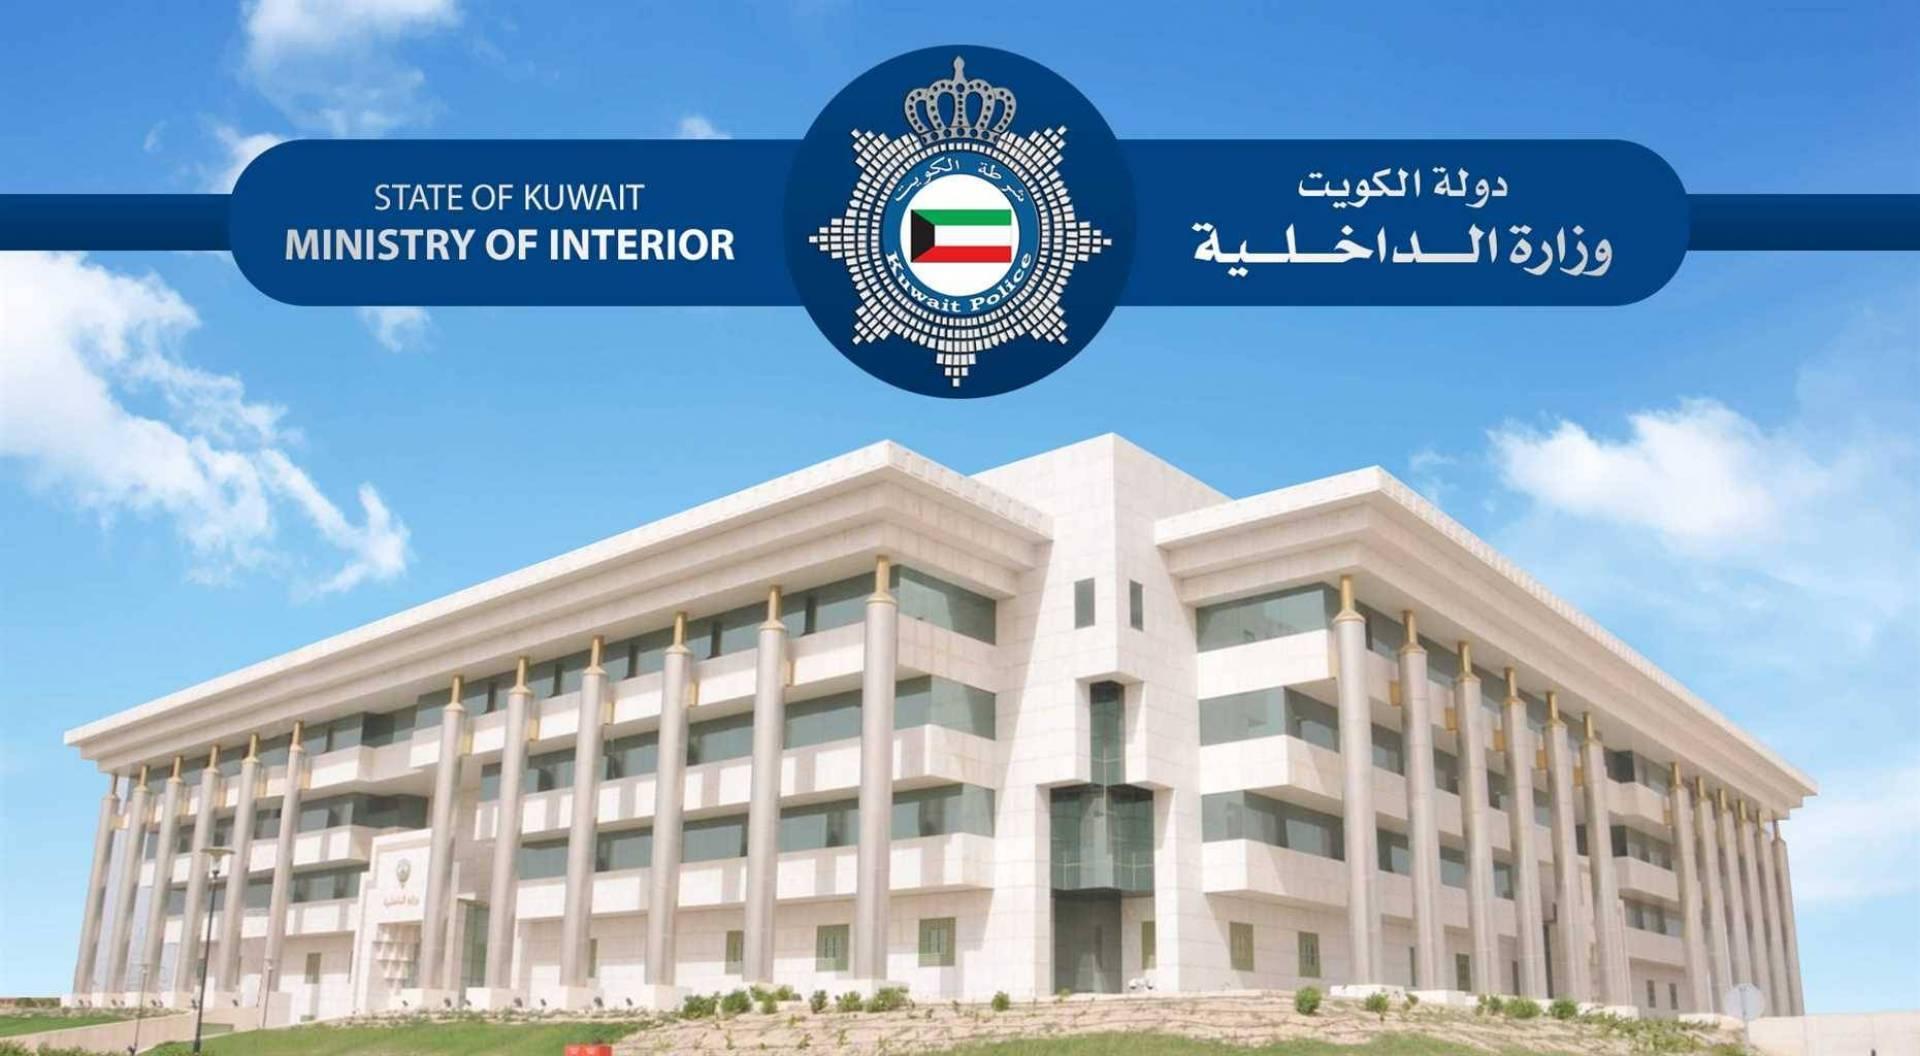 «الداخلية»: ضبط مواطنة خالفت قرارات مجلس الوزراء.. بمنع التجمعات